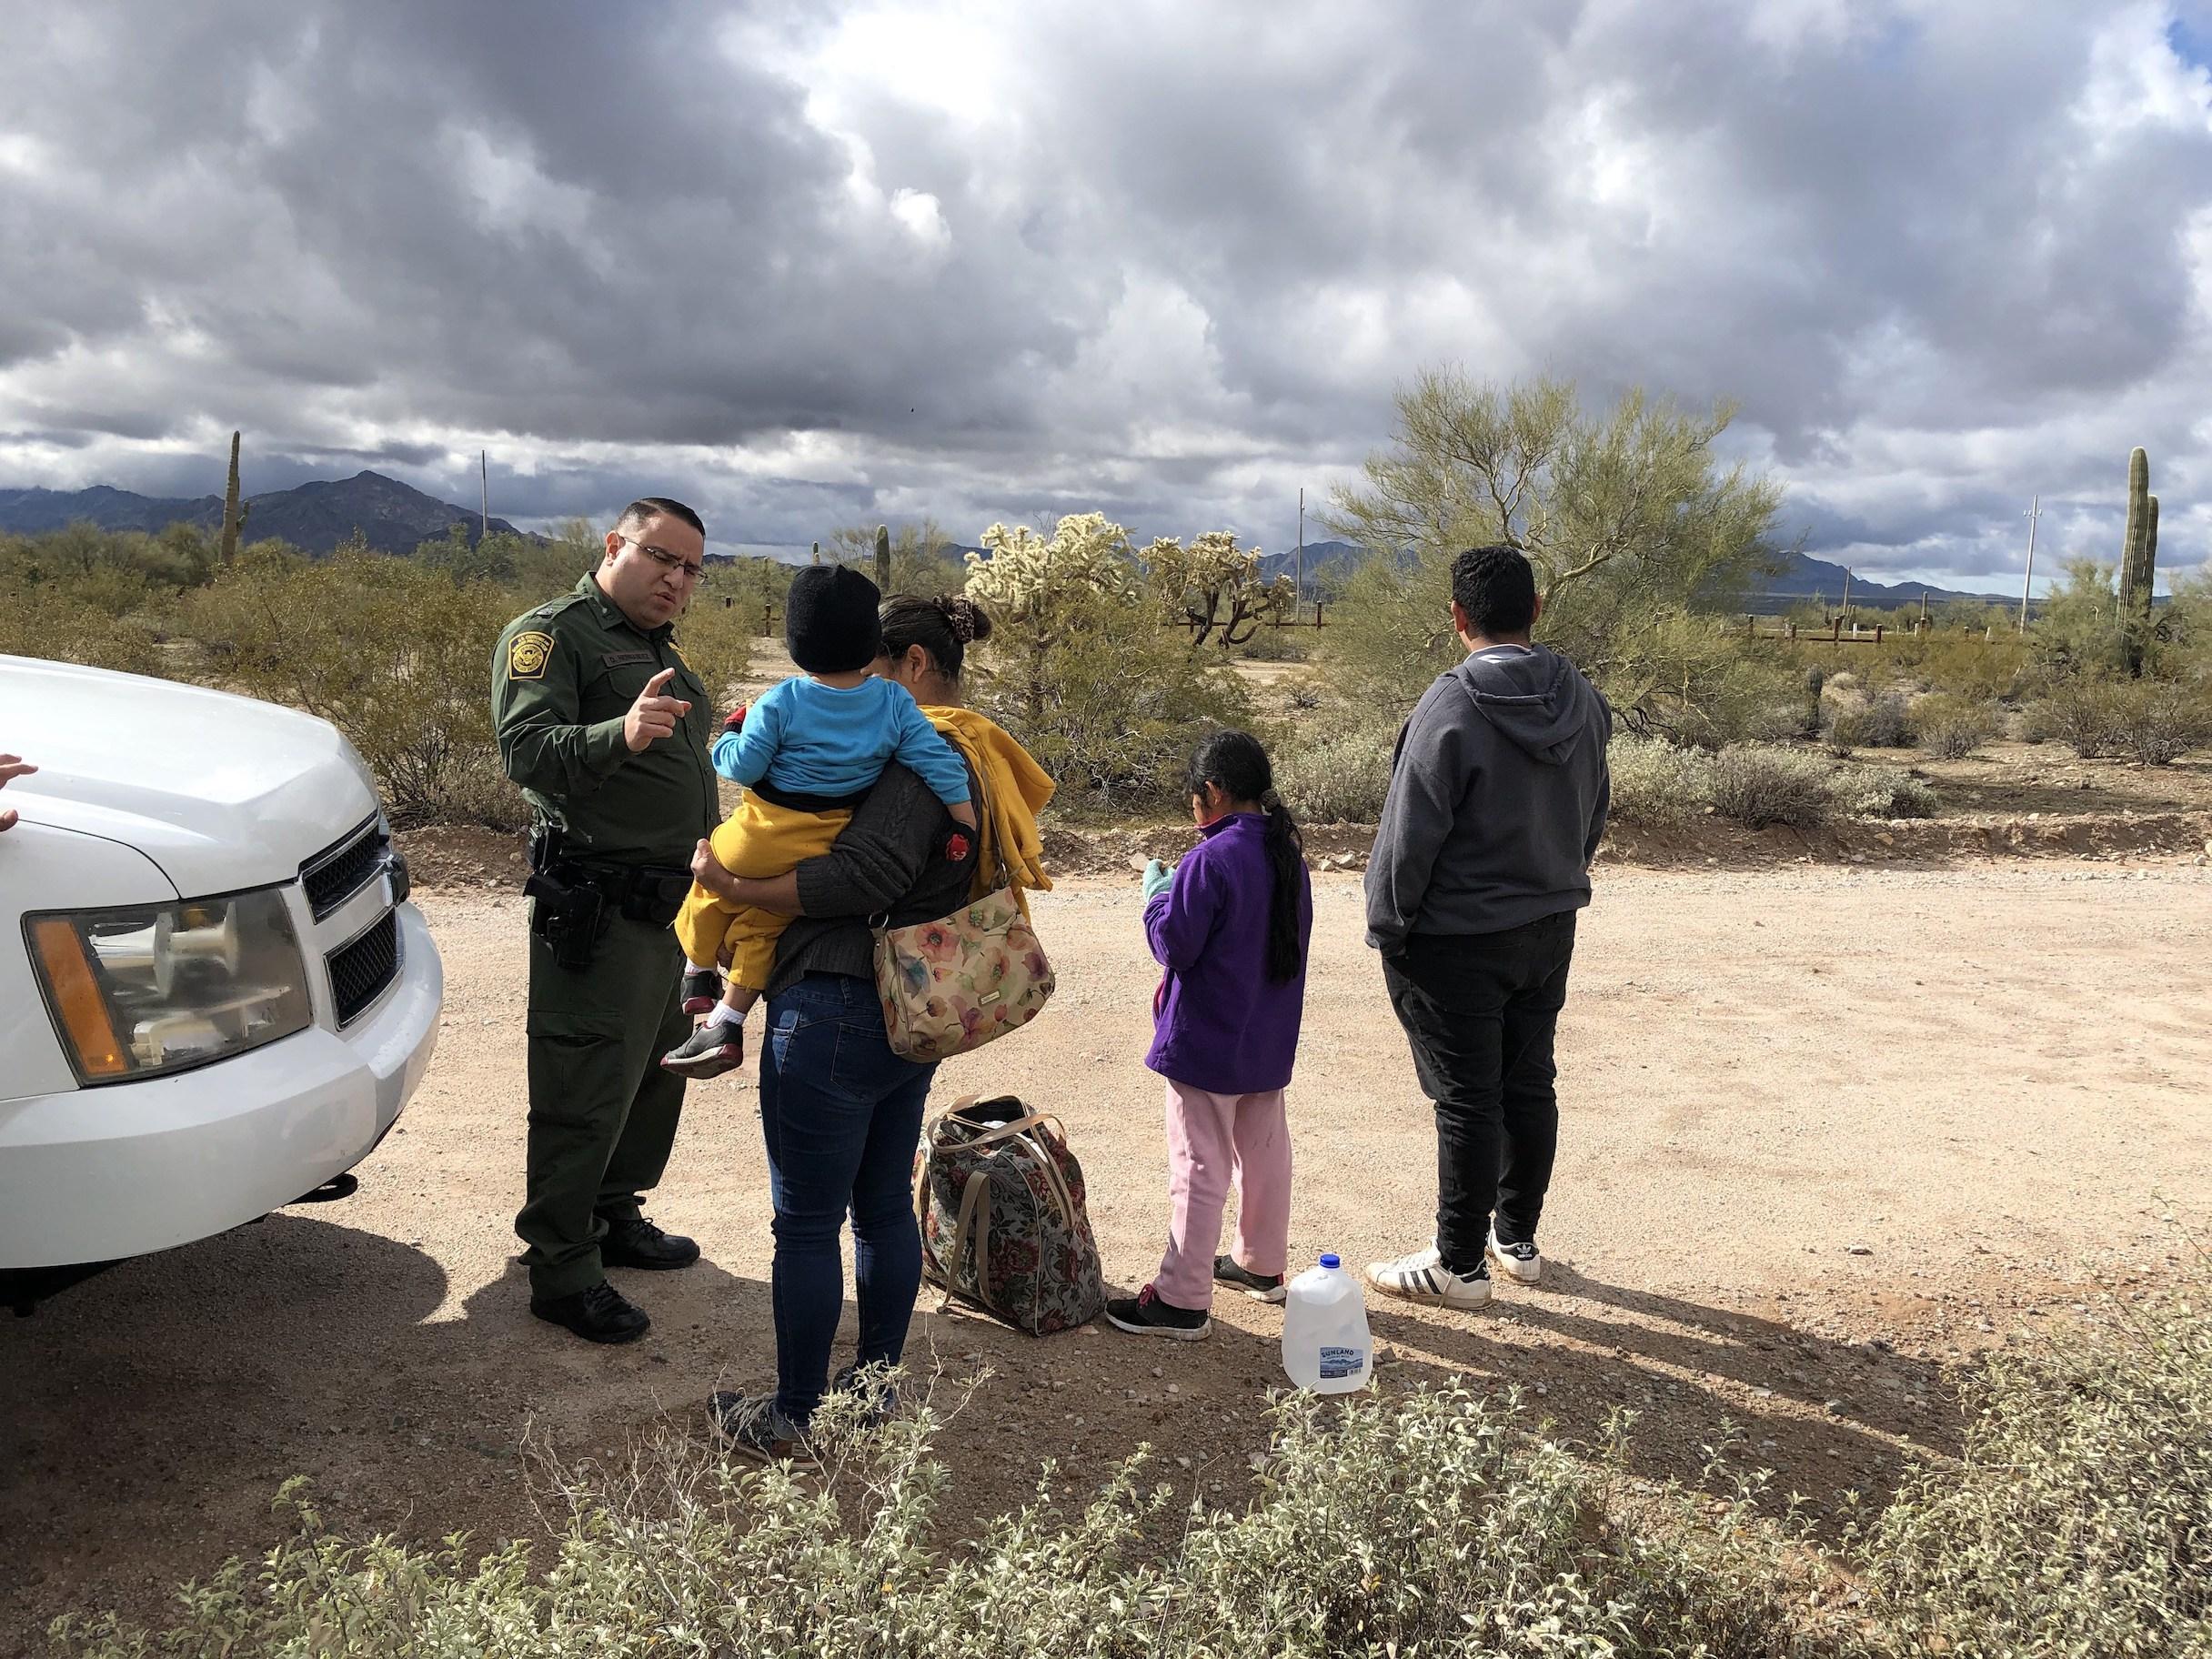 La separación familiar en la frontera de EE.UU., un drama que no cesa